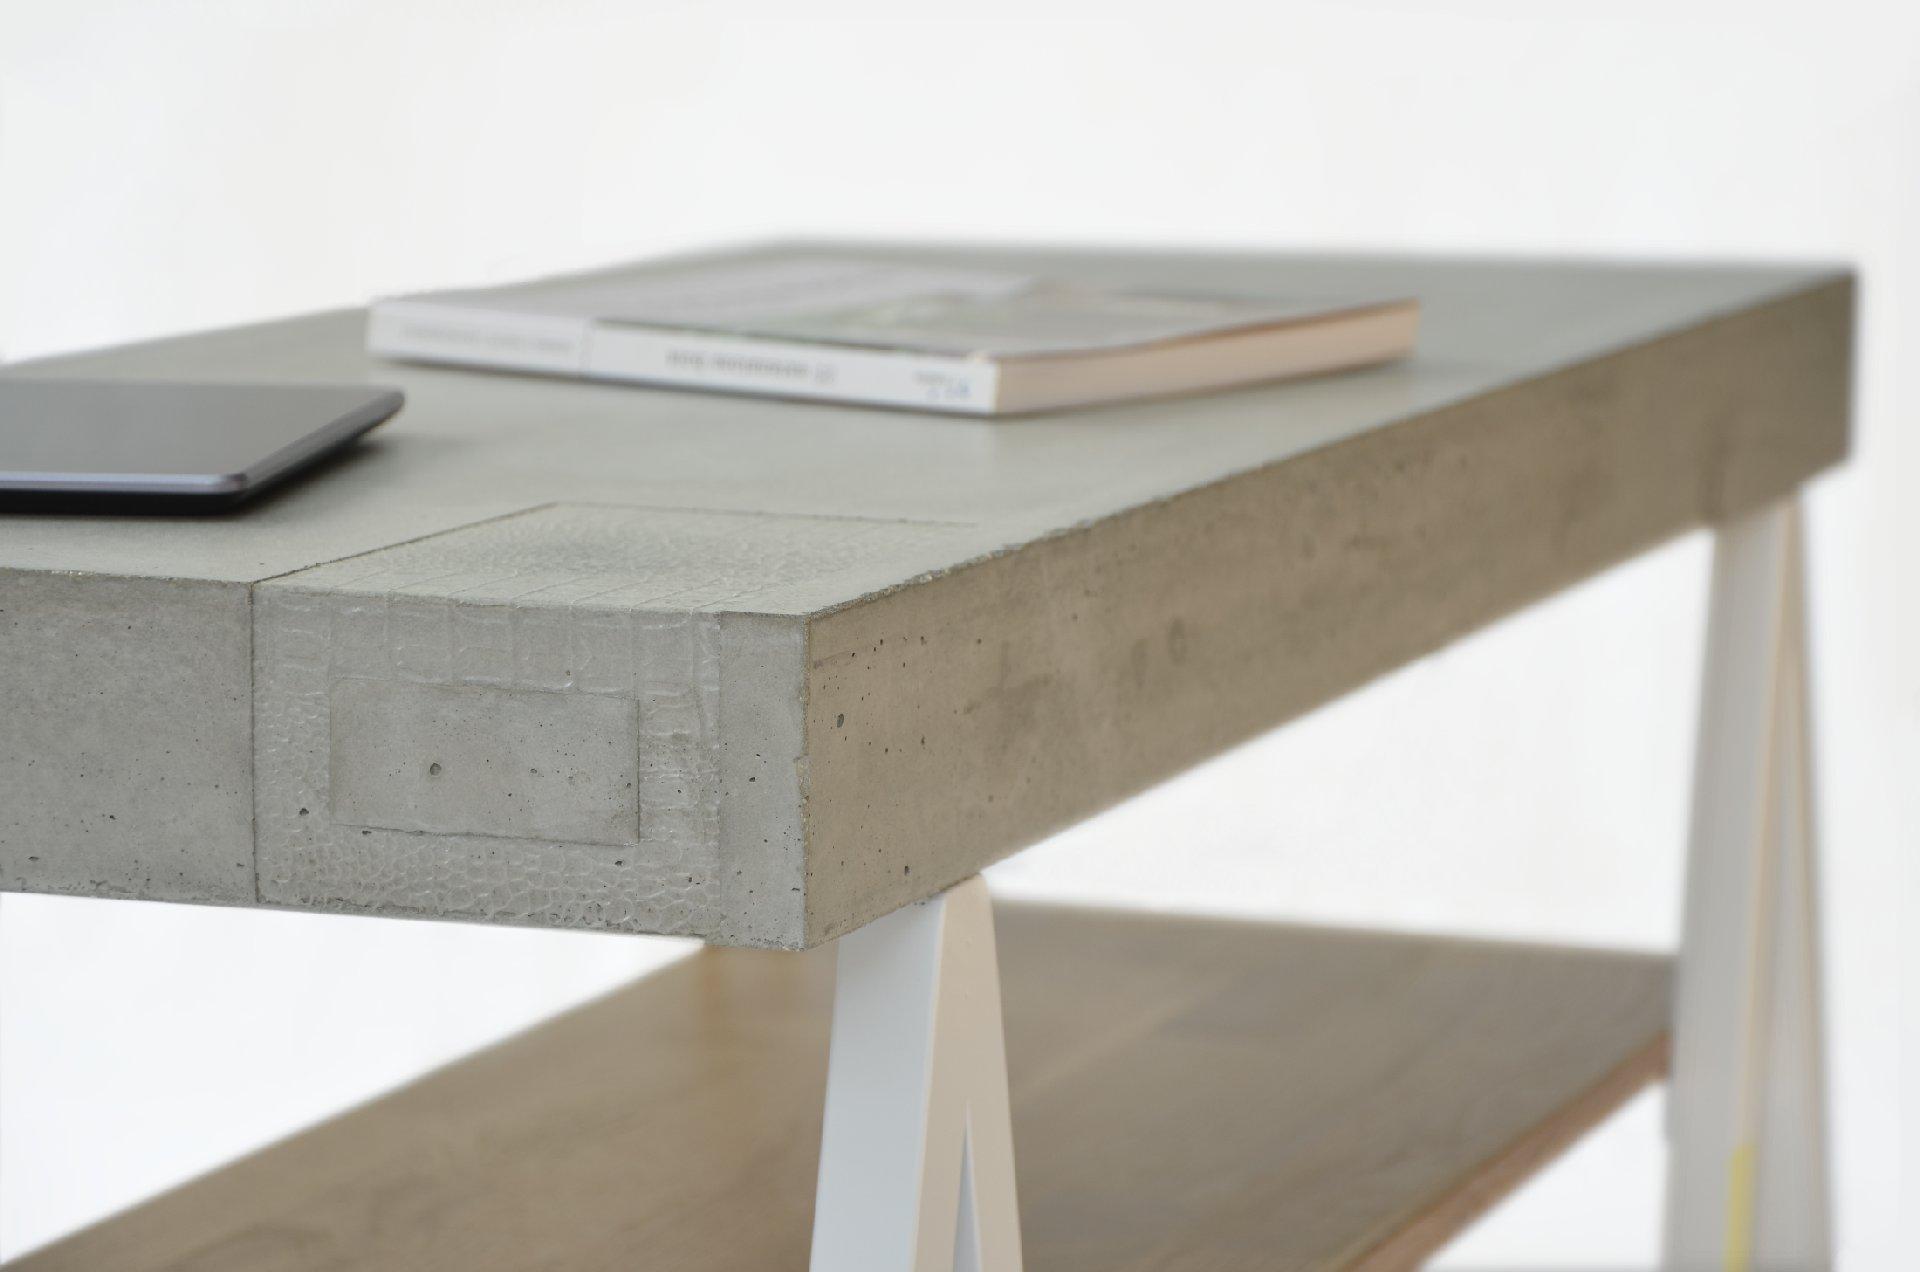 Table Basse B Ton Bois Acier Archi Limited 1414 M Trend  # Table Basse Blanche Et Bois